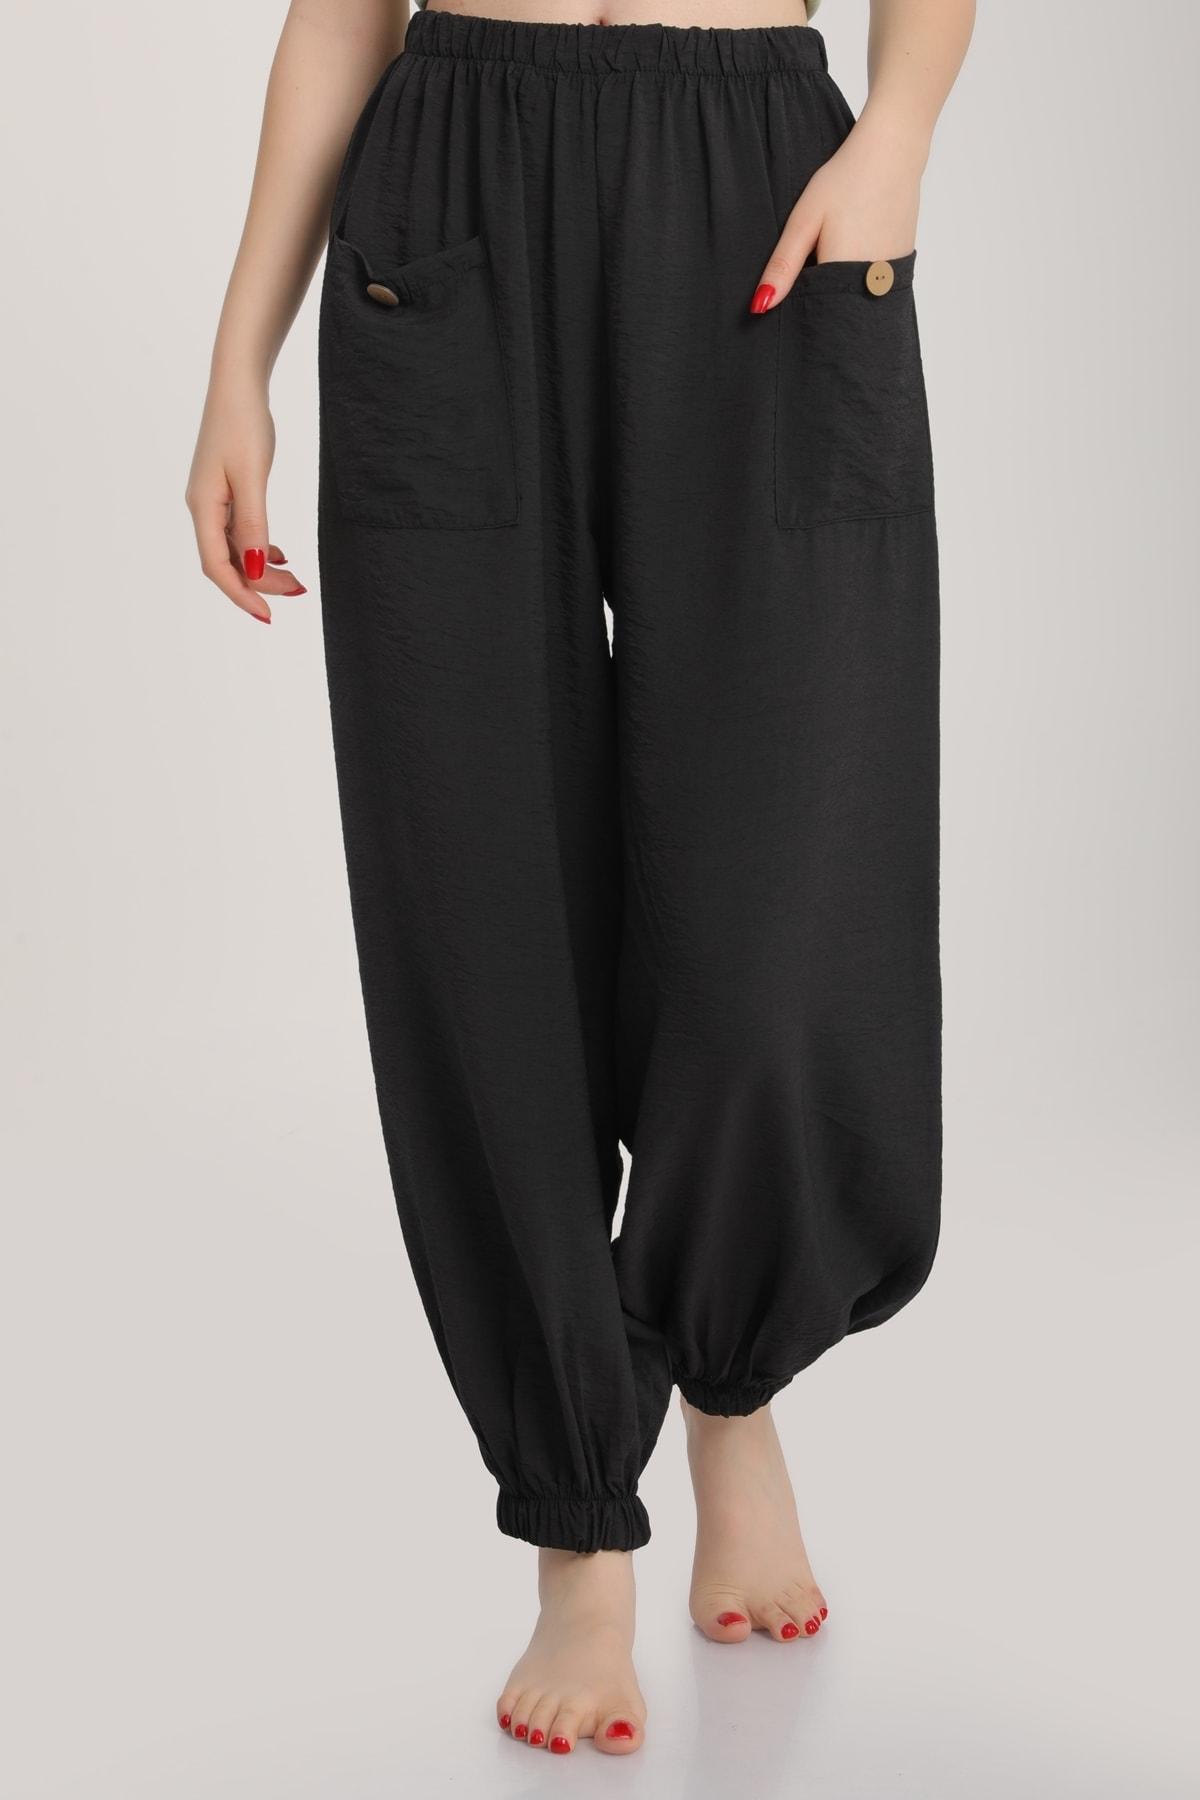 MD trend Kadın Siyah Bel Lastikli Salaş Pantolon Mdt6144 2